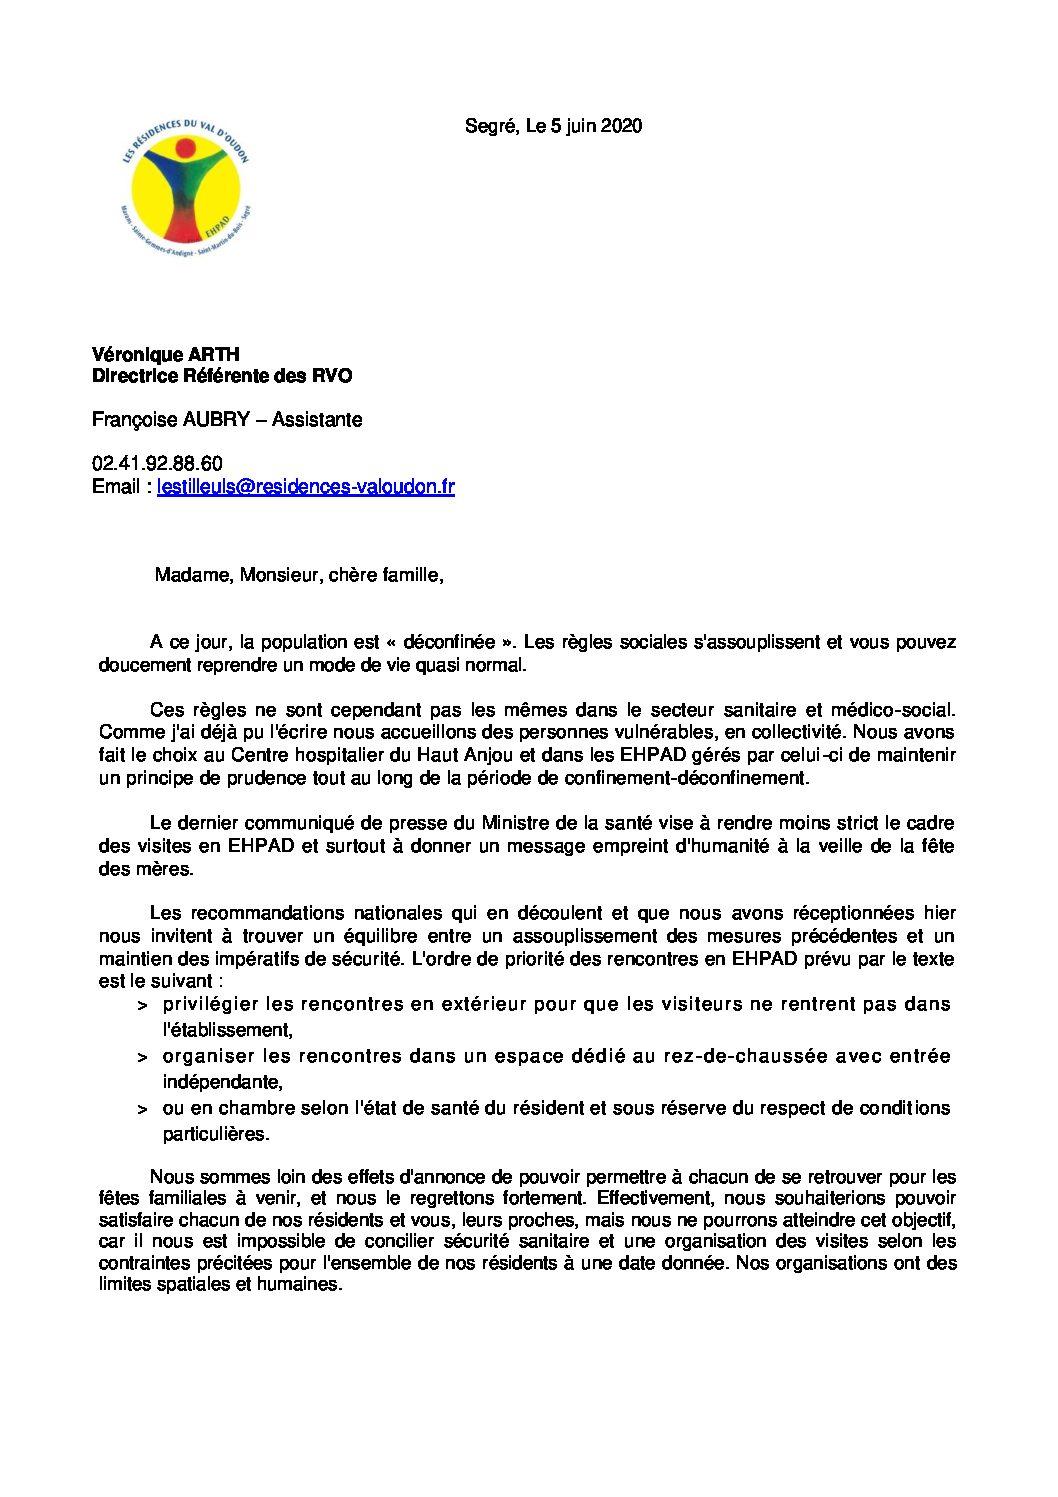 Courrier d'information n° 5 – Informations de la Direction aux familles 05 06 2020